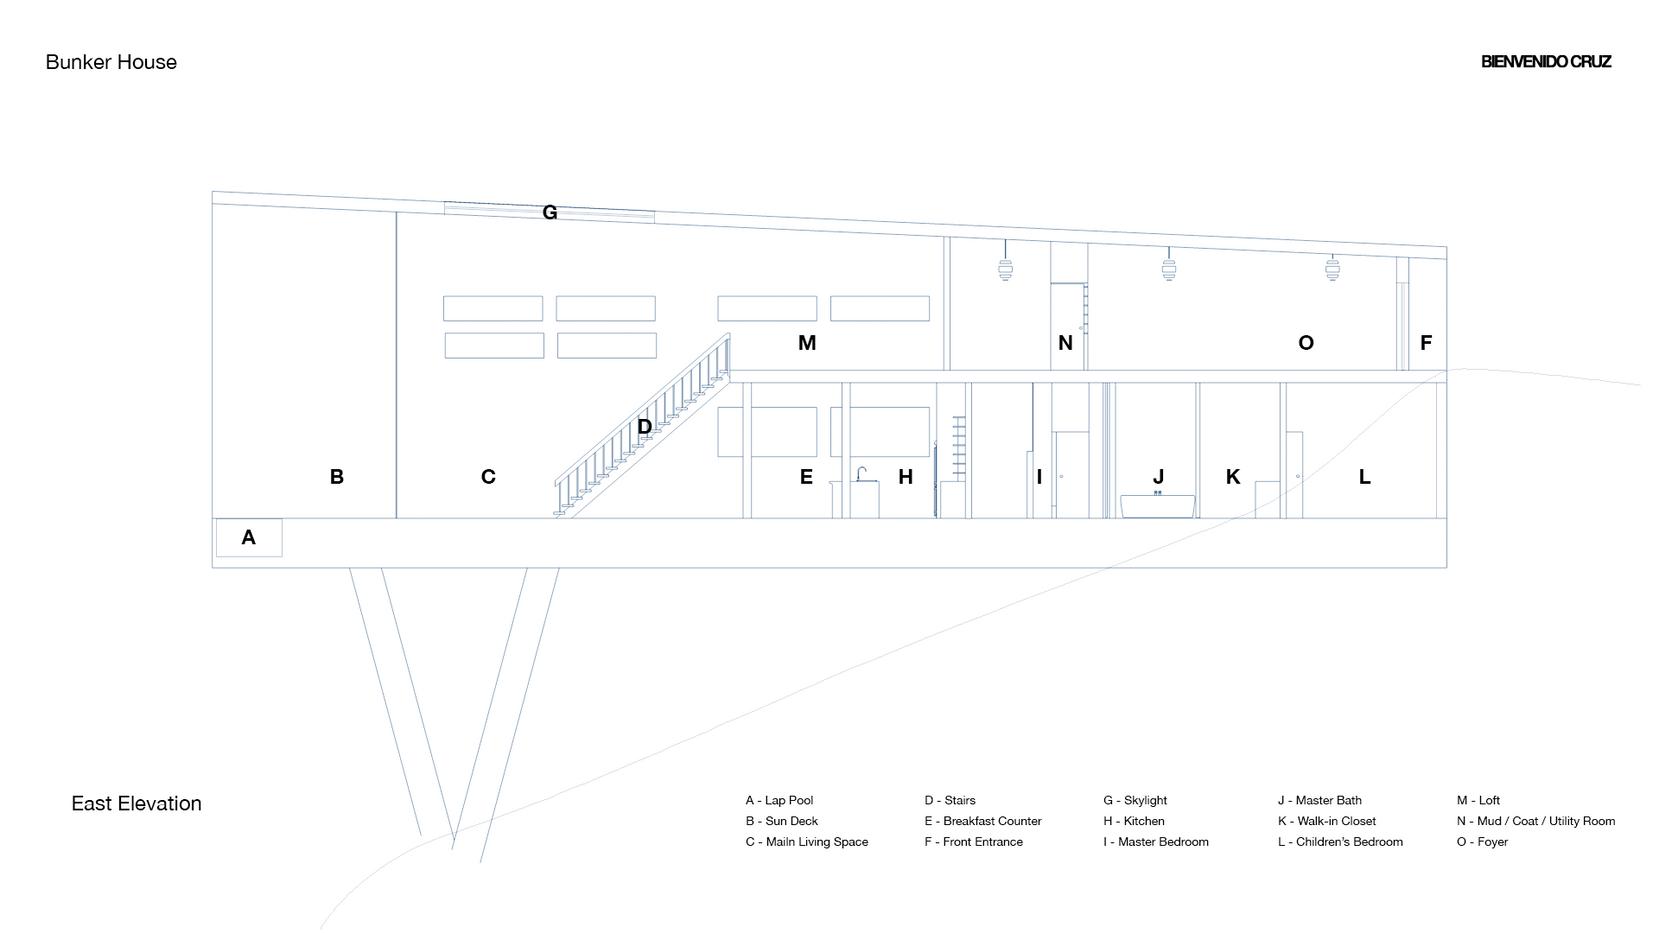 floorplans_el_east.png